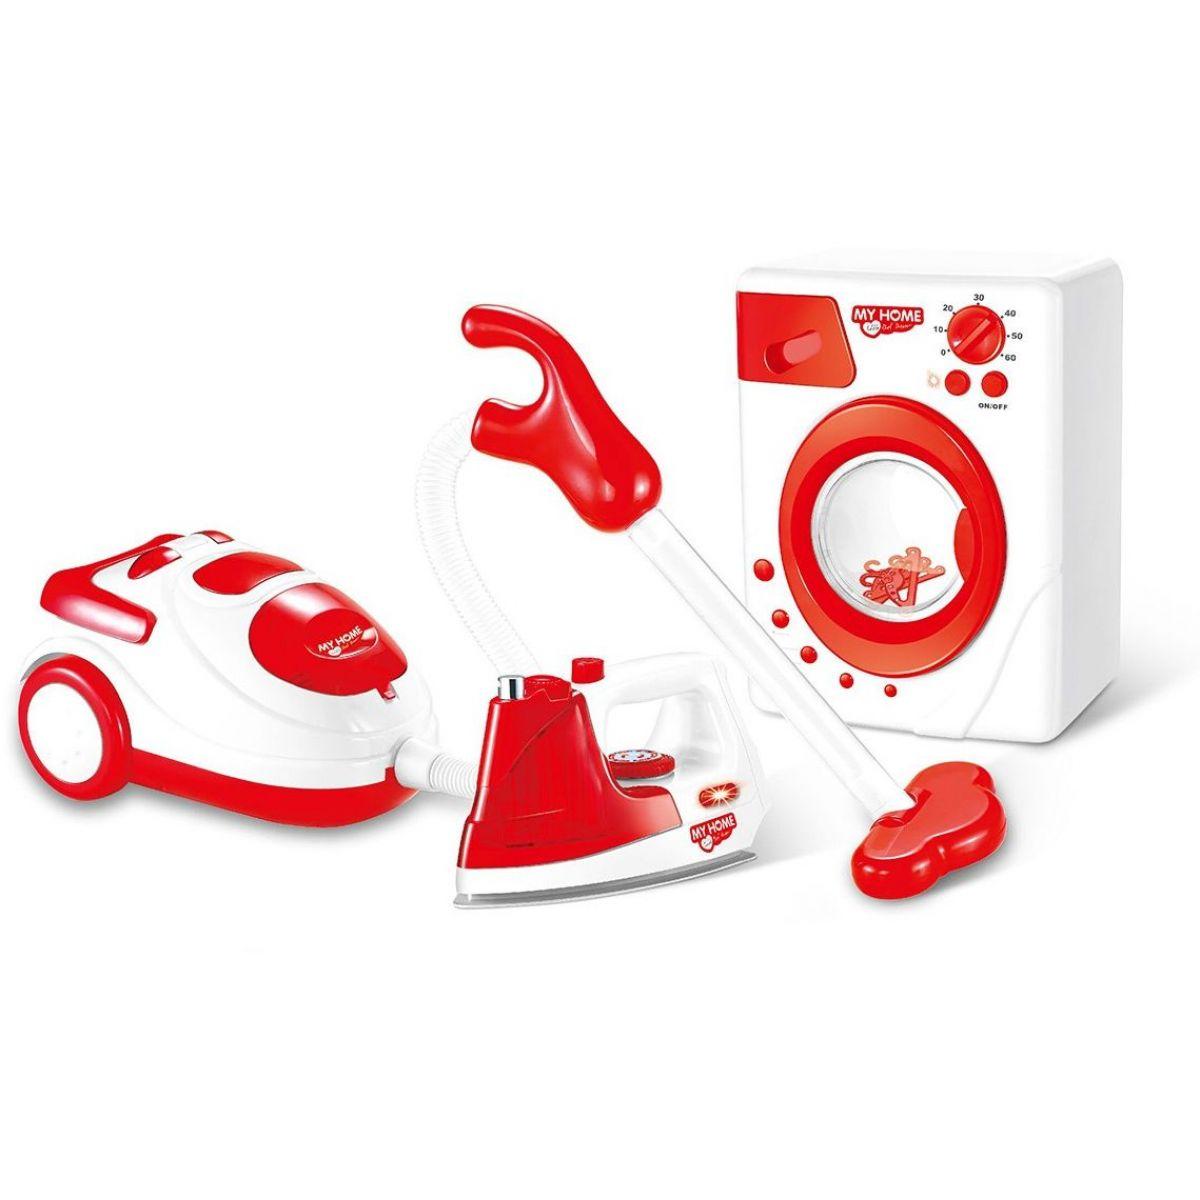 Súprava domácich spotrebičov na batérie žehlička, práčka a vysavač